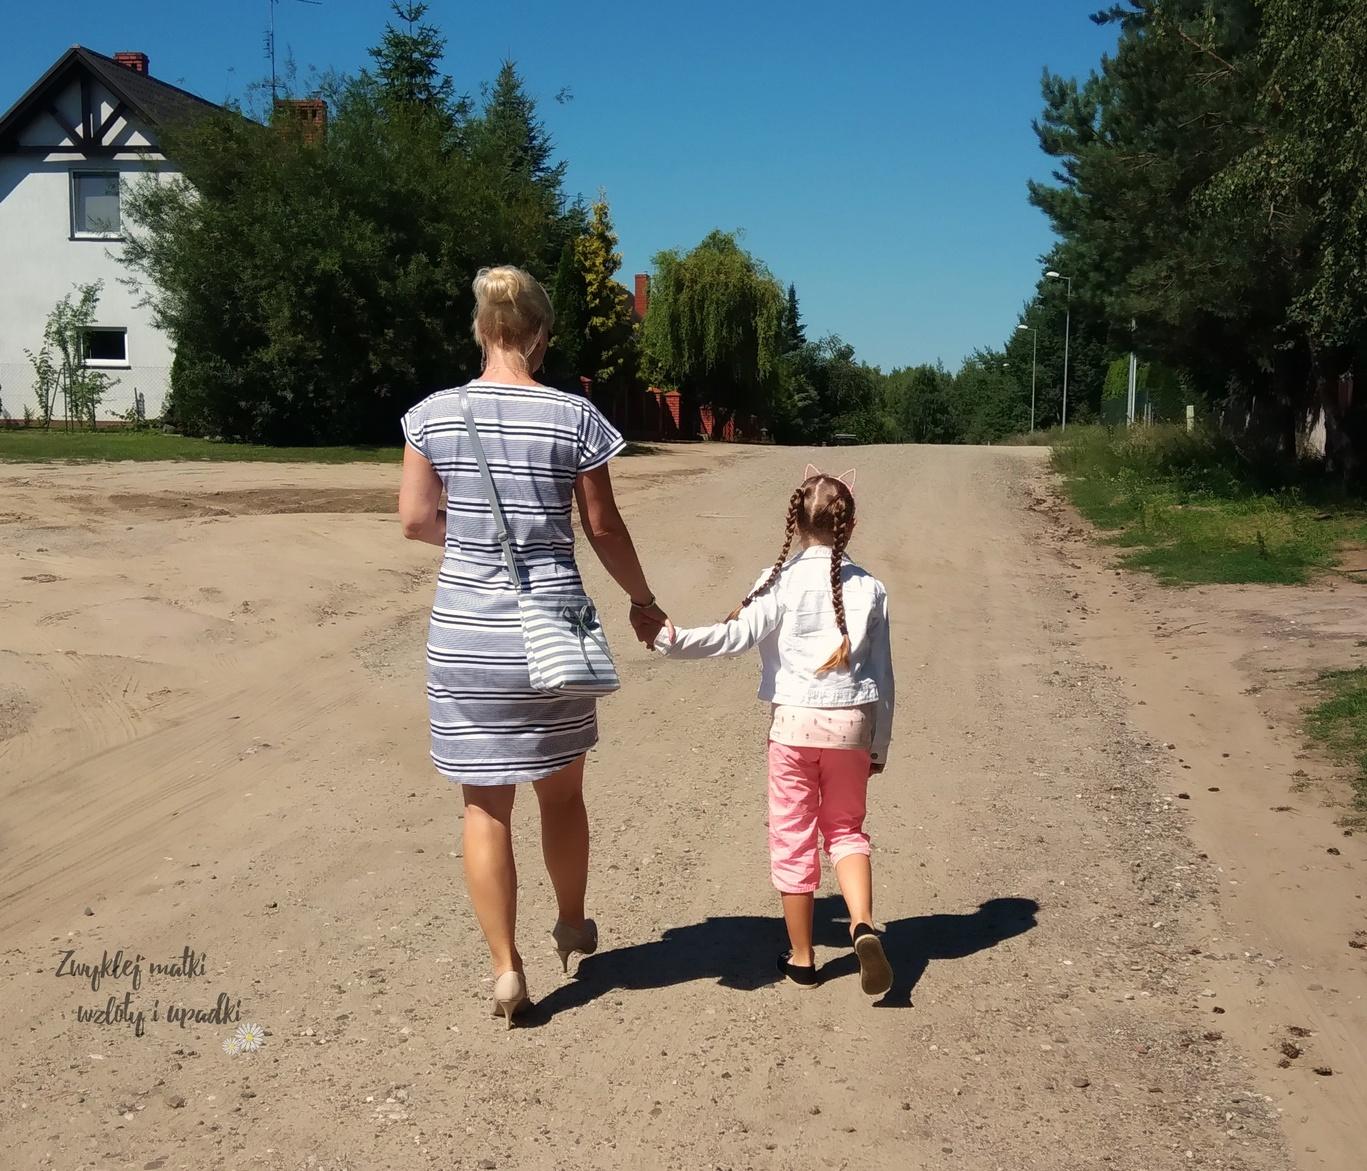 Kobieca garderoba, czyli modna mama i córka